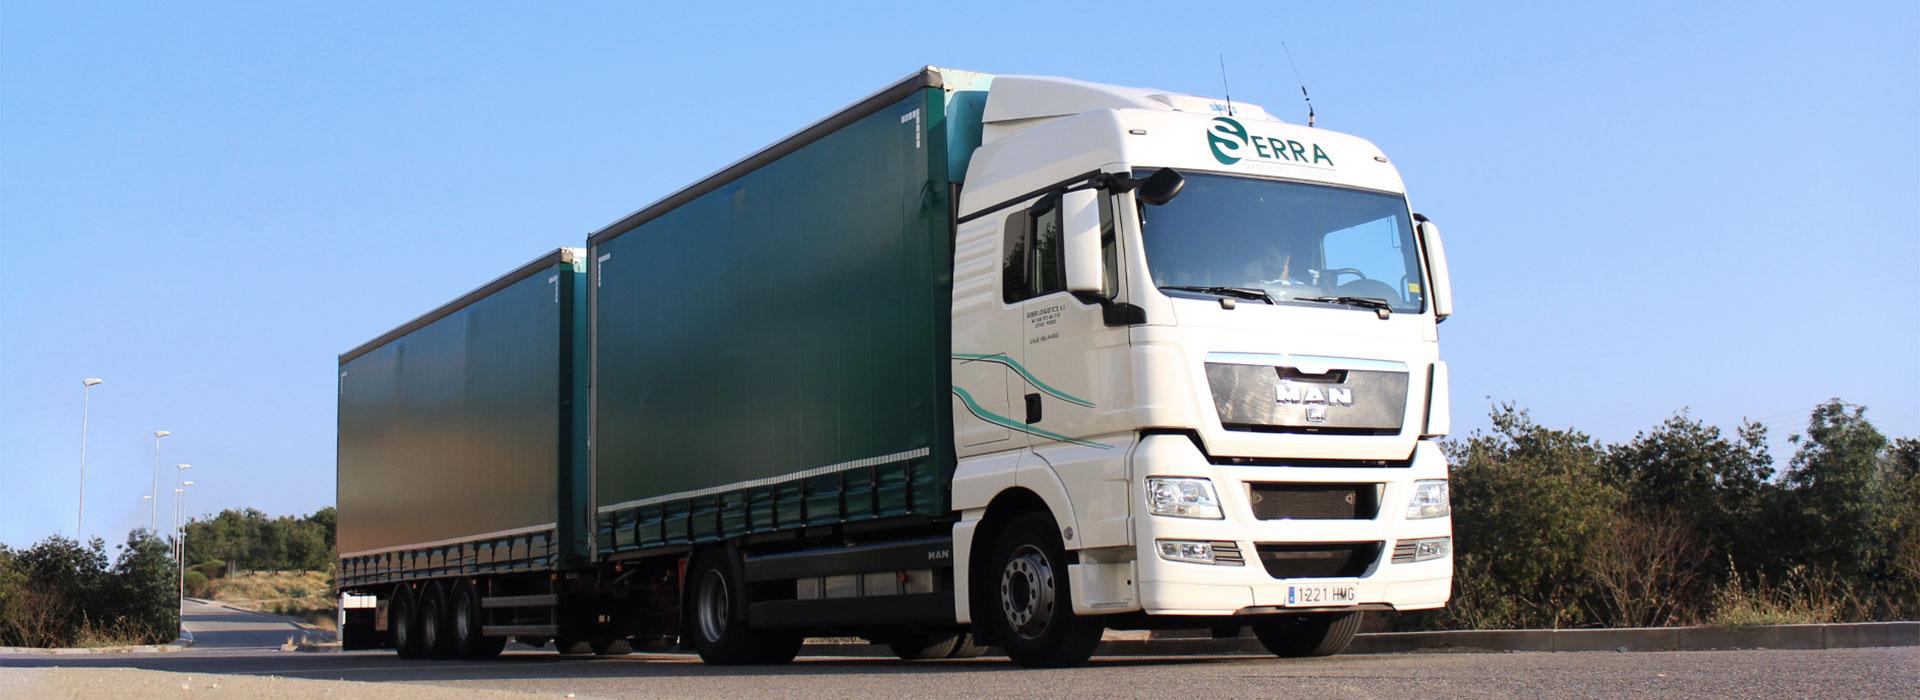 40 camions - Seberlogistics